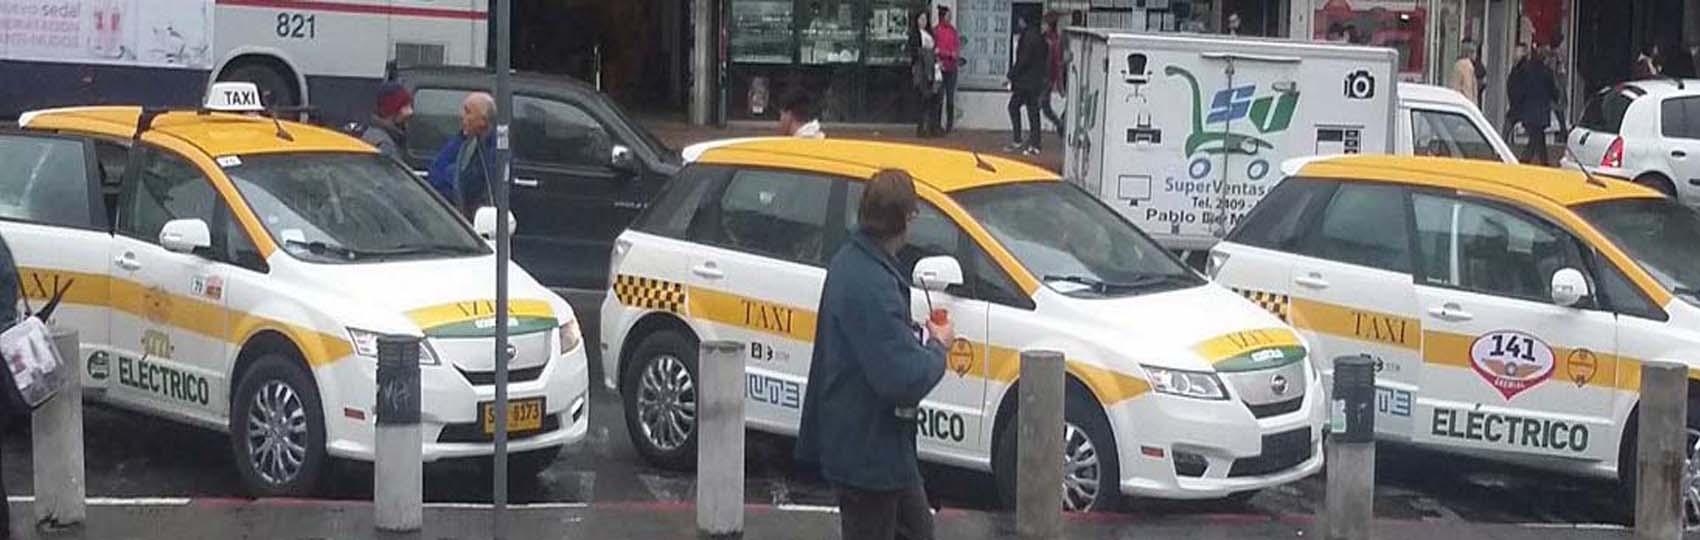 Noticias del sector del taxi y la movilidad en Uruguay. Mantente informado de todas las noticias del taxi de Uruguay en el grupo de Facebook de Todo Taxi.